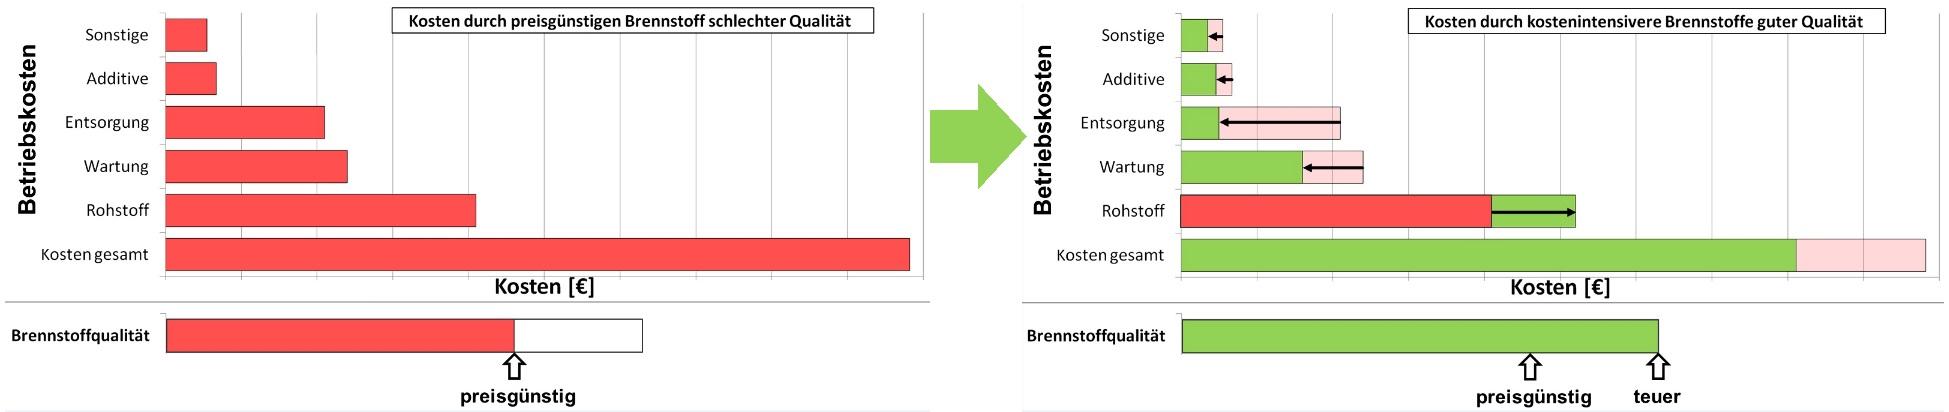 Kostenoptimierung durch gezielte Rohstoffauswahl mit Hilfe eines Analyse Modells